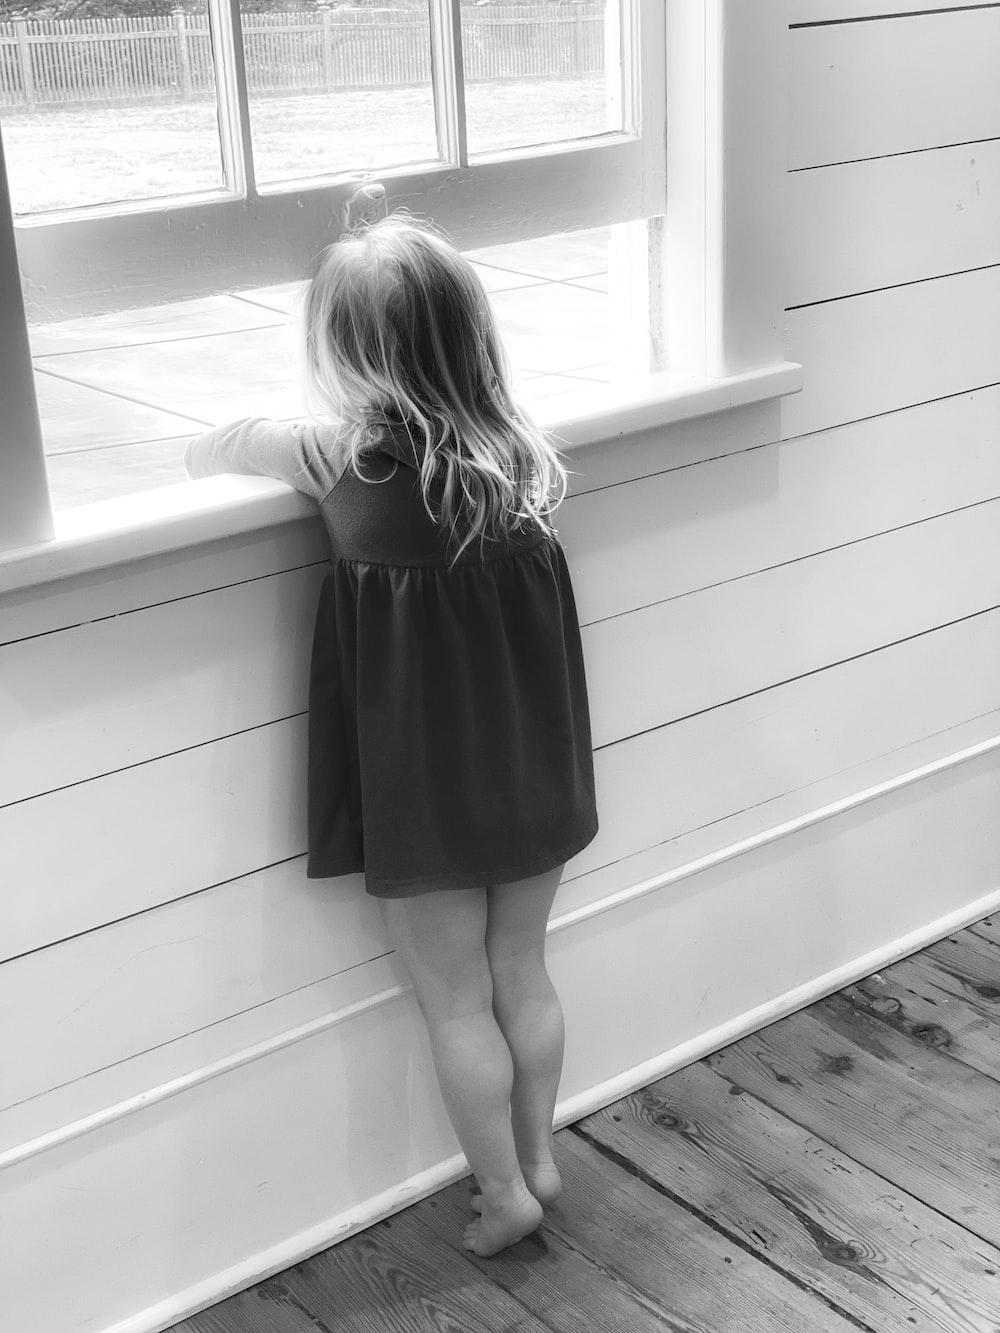 woman in black dress standing on wooden floor